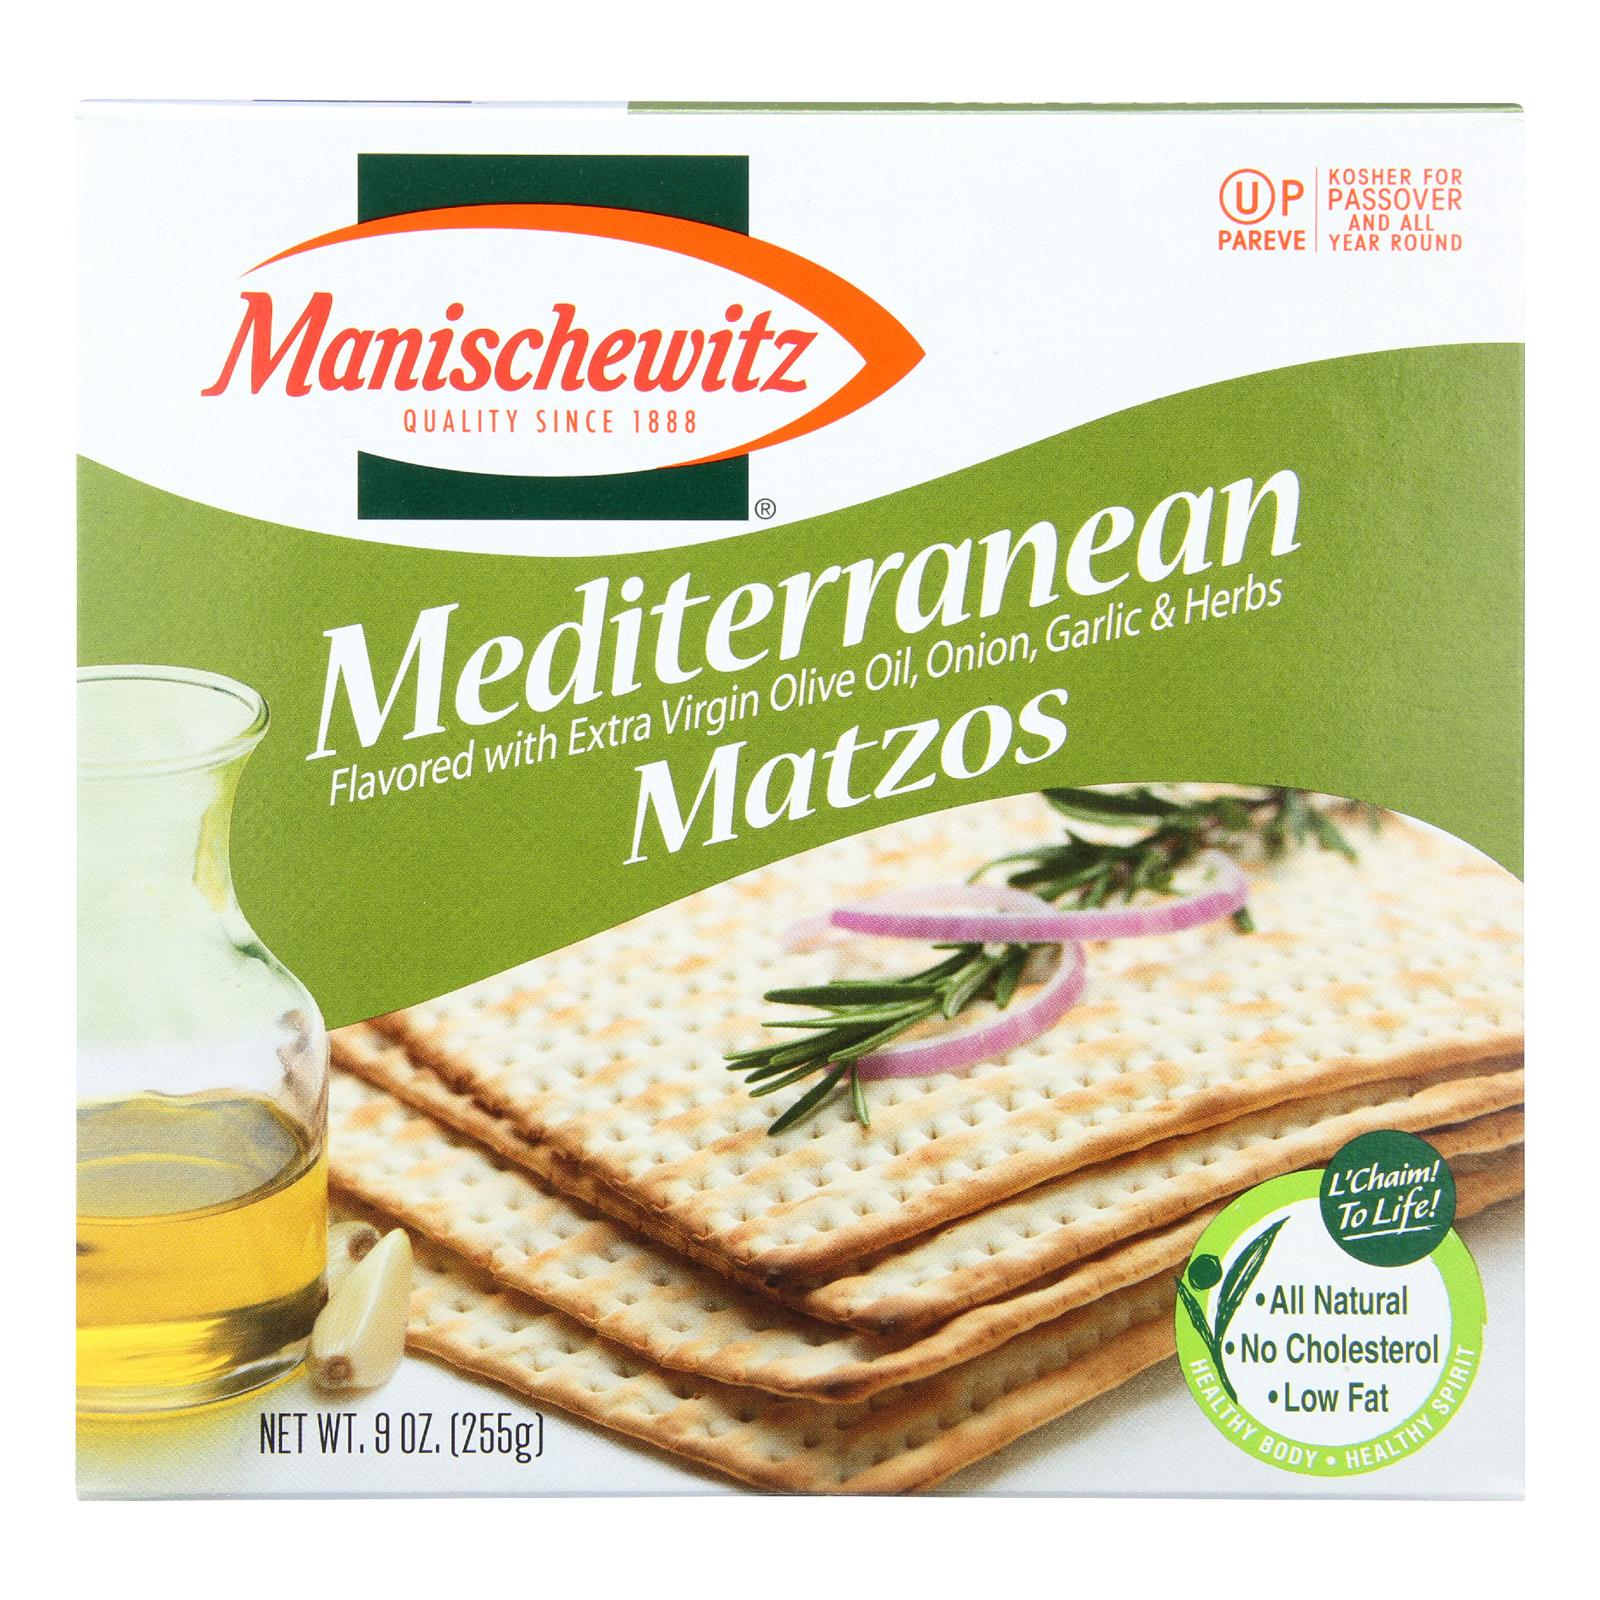 Manischewitz Matzo Mediterranean - Case Of 12 - 9 Oz.